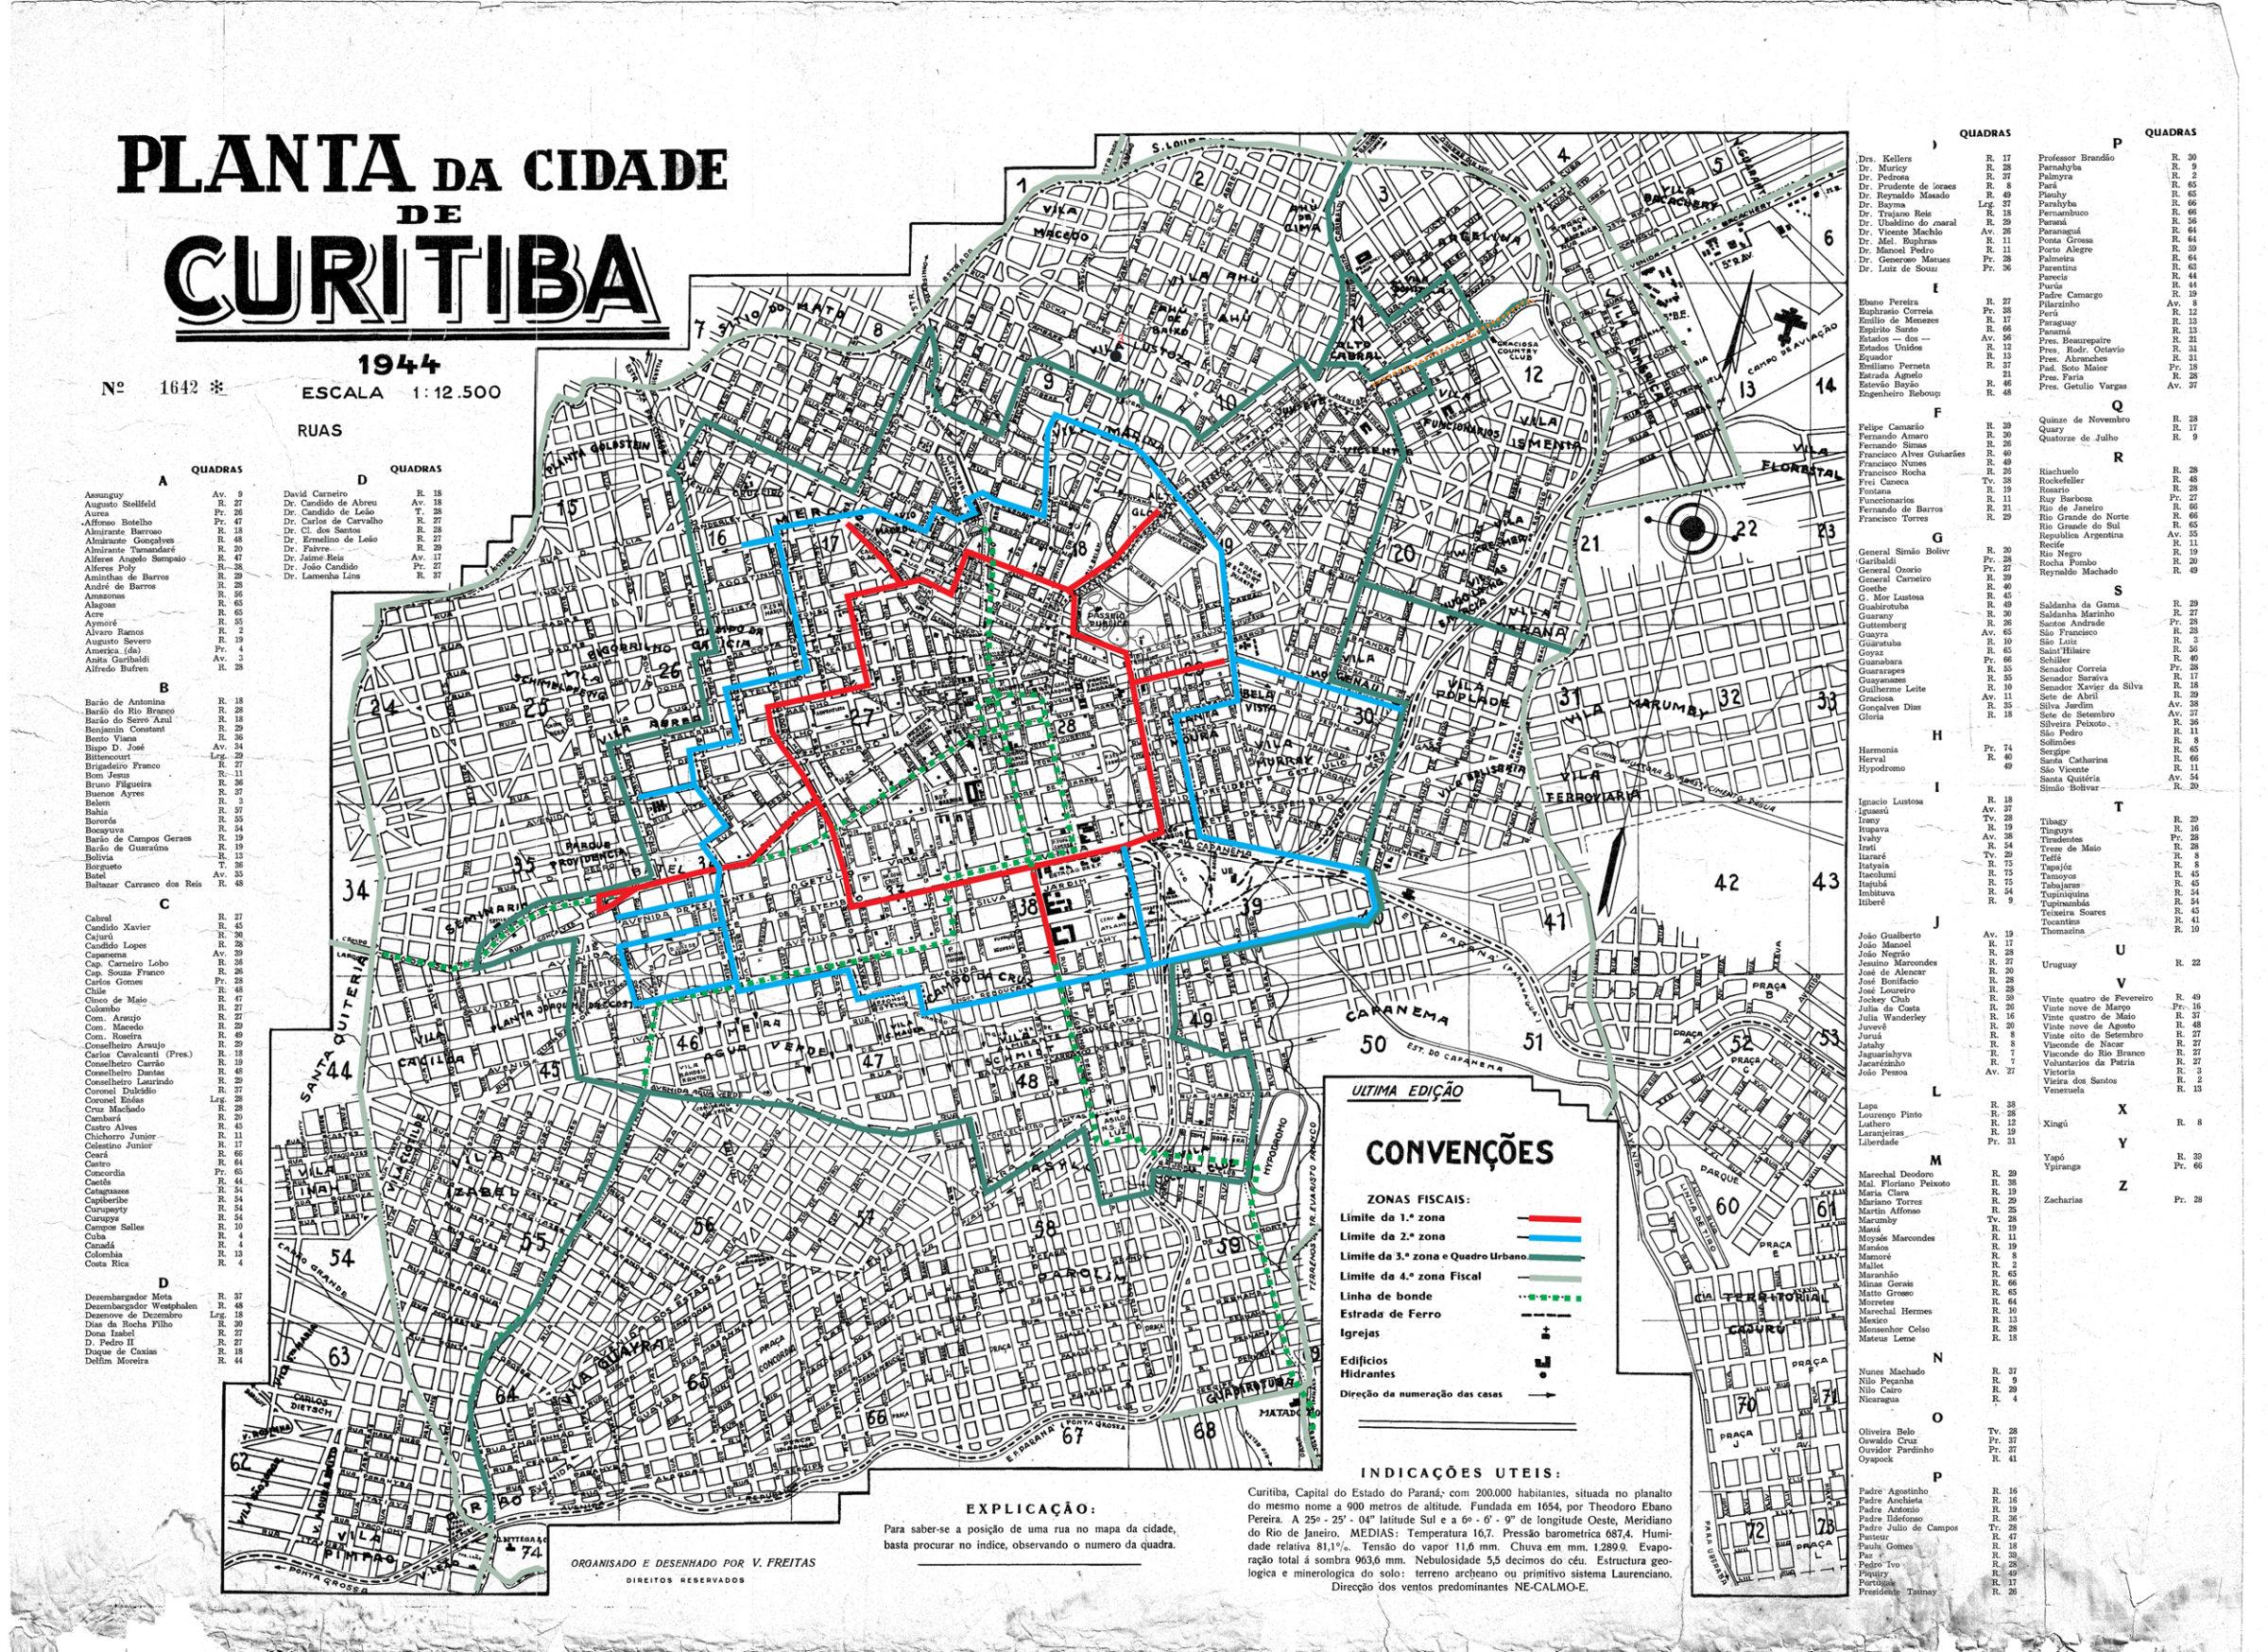 mapa de 44 com zoneamento